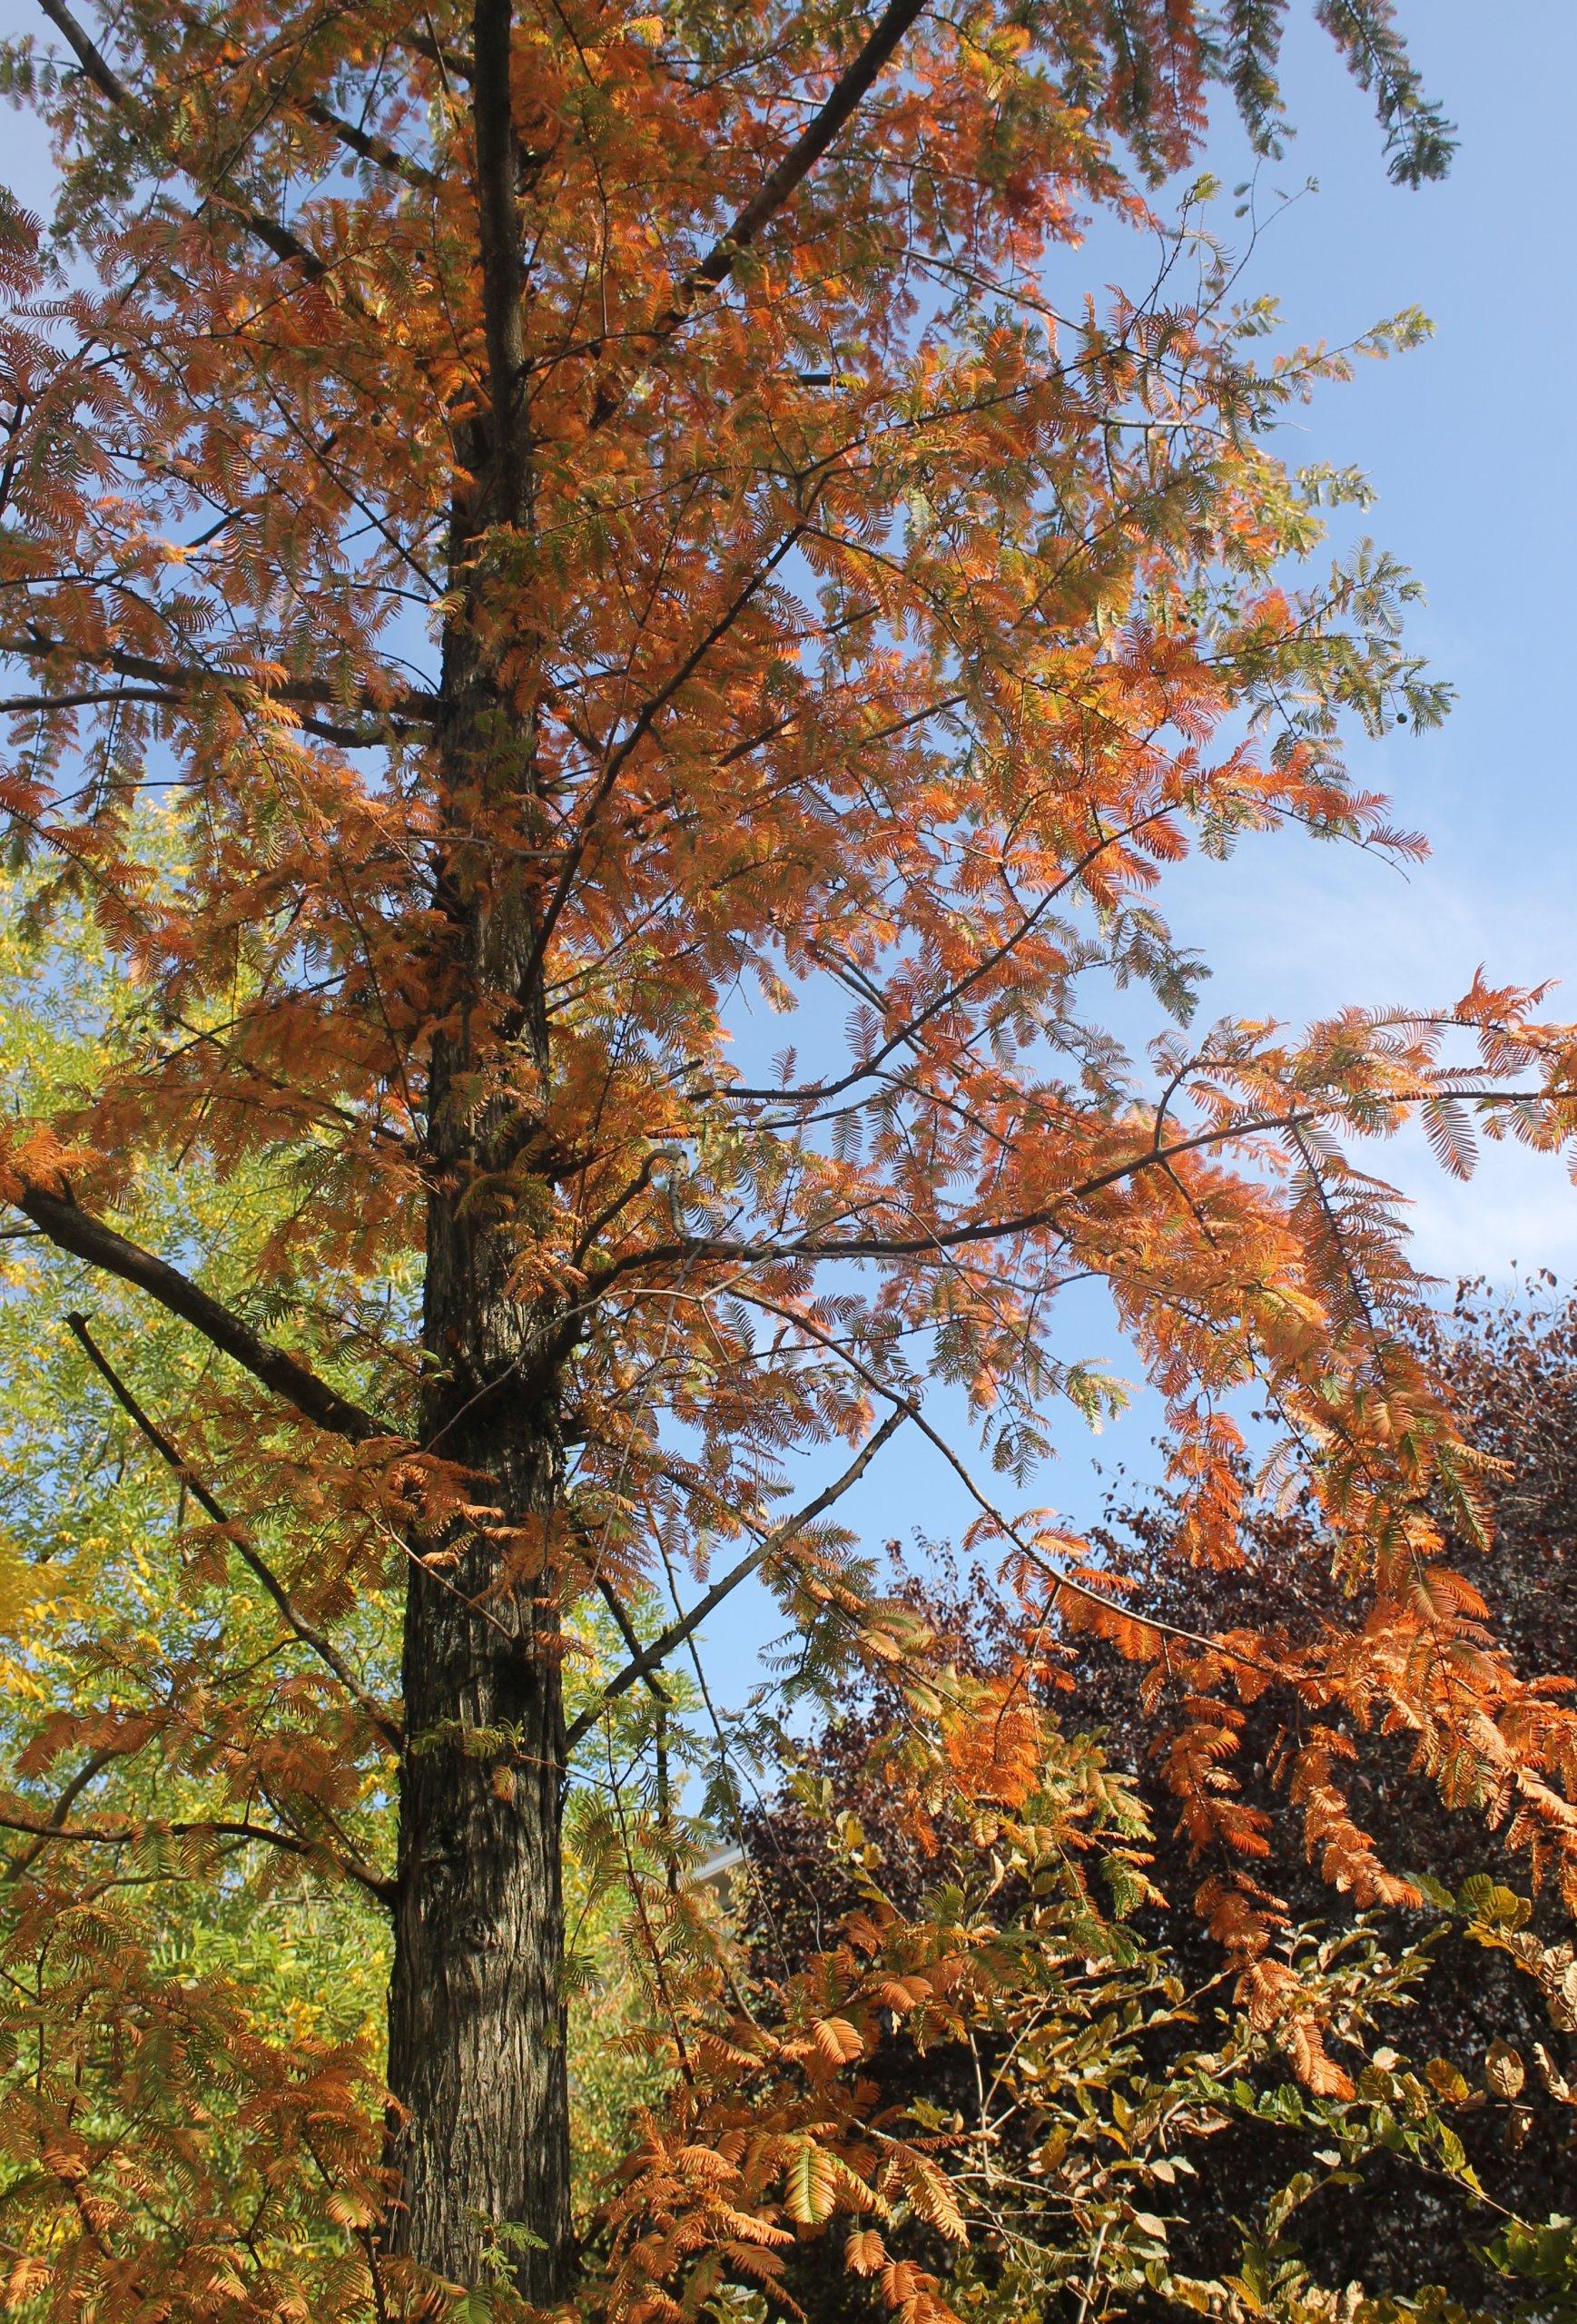 Das Bild zeigt einen Urweltmammutbaum im Kosmosviertel im Oktober in seiner rot-orangen Herbstfärbung.